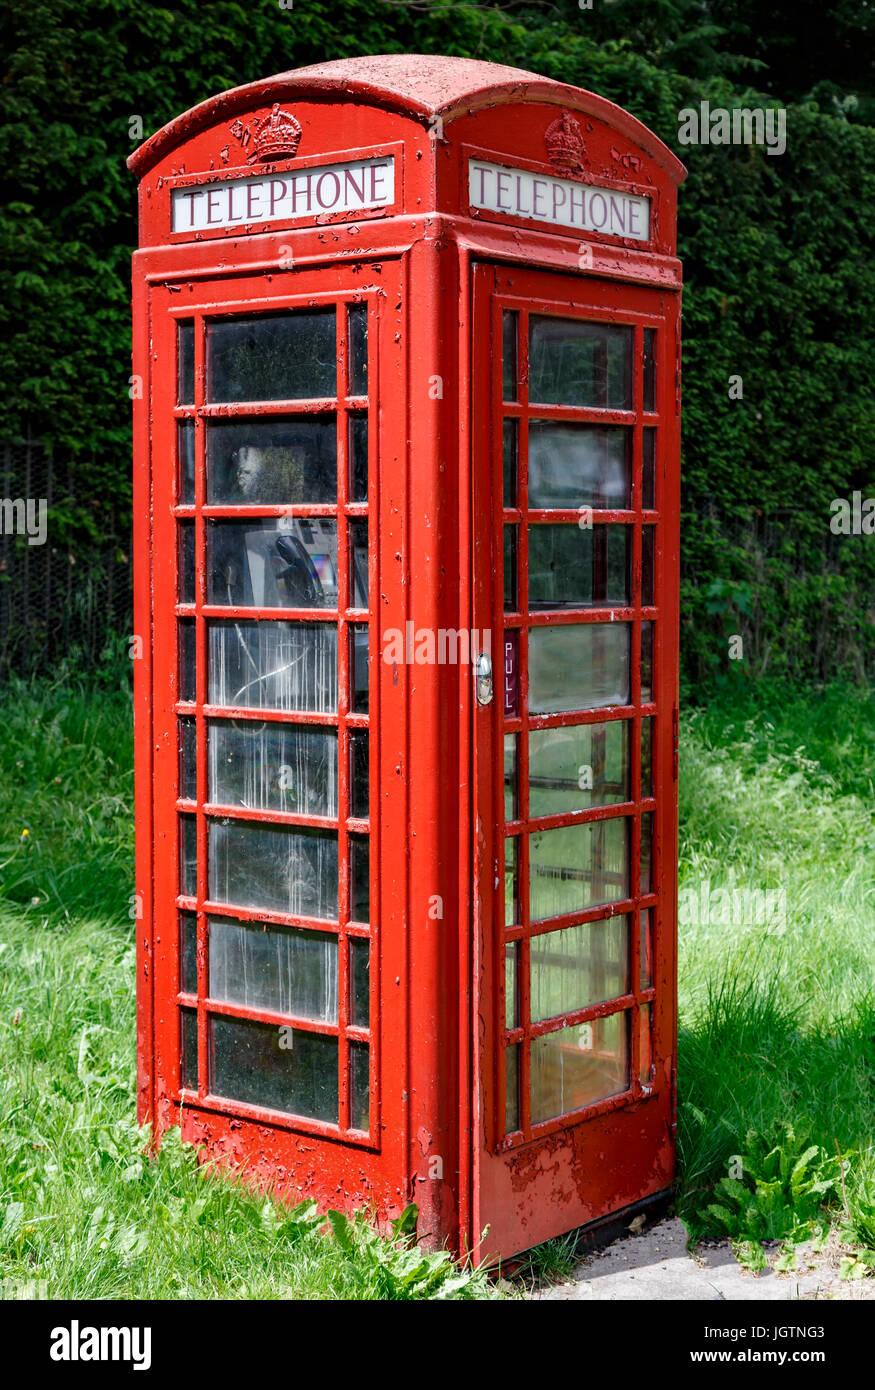 Red telephone booth, Cambridge, Cambridgeshire, England, United Kingdom - Stock Image